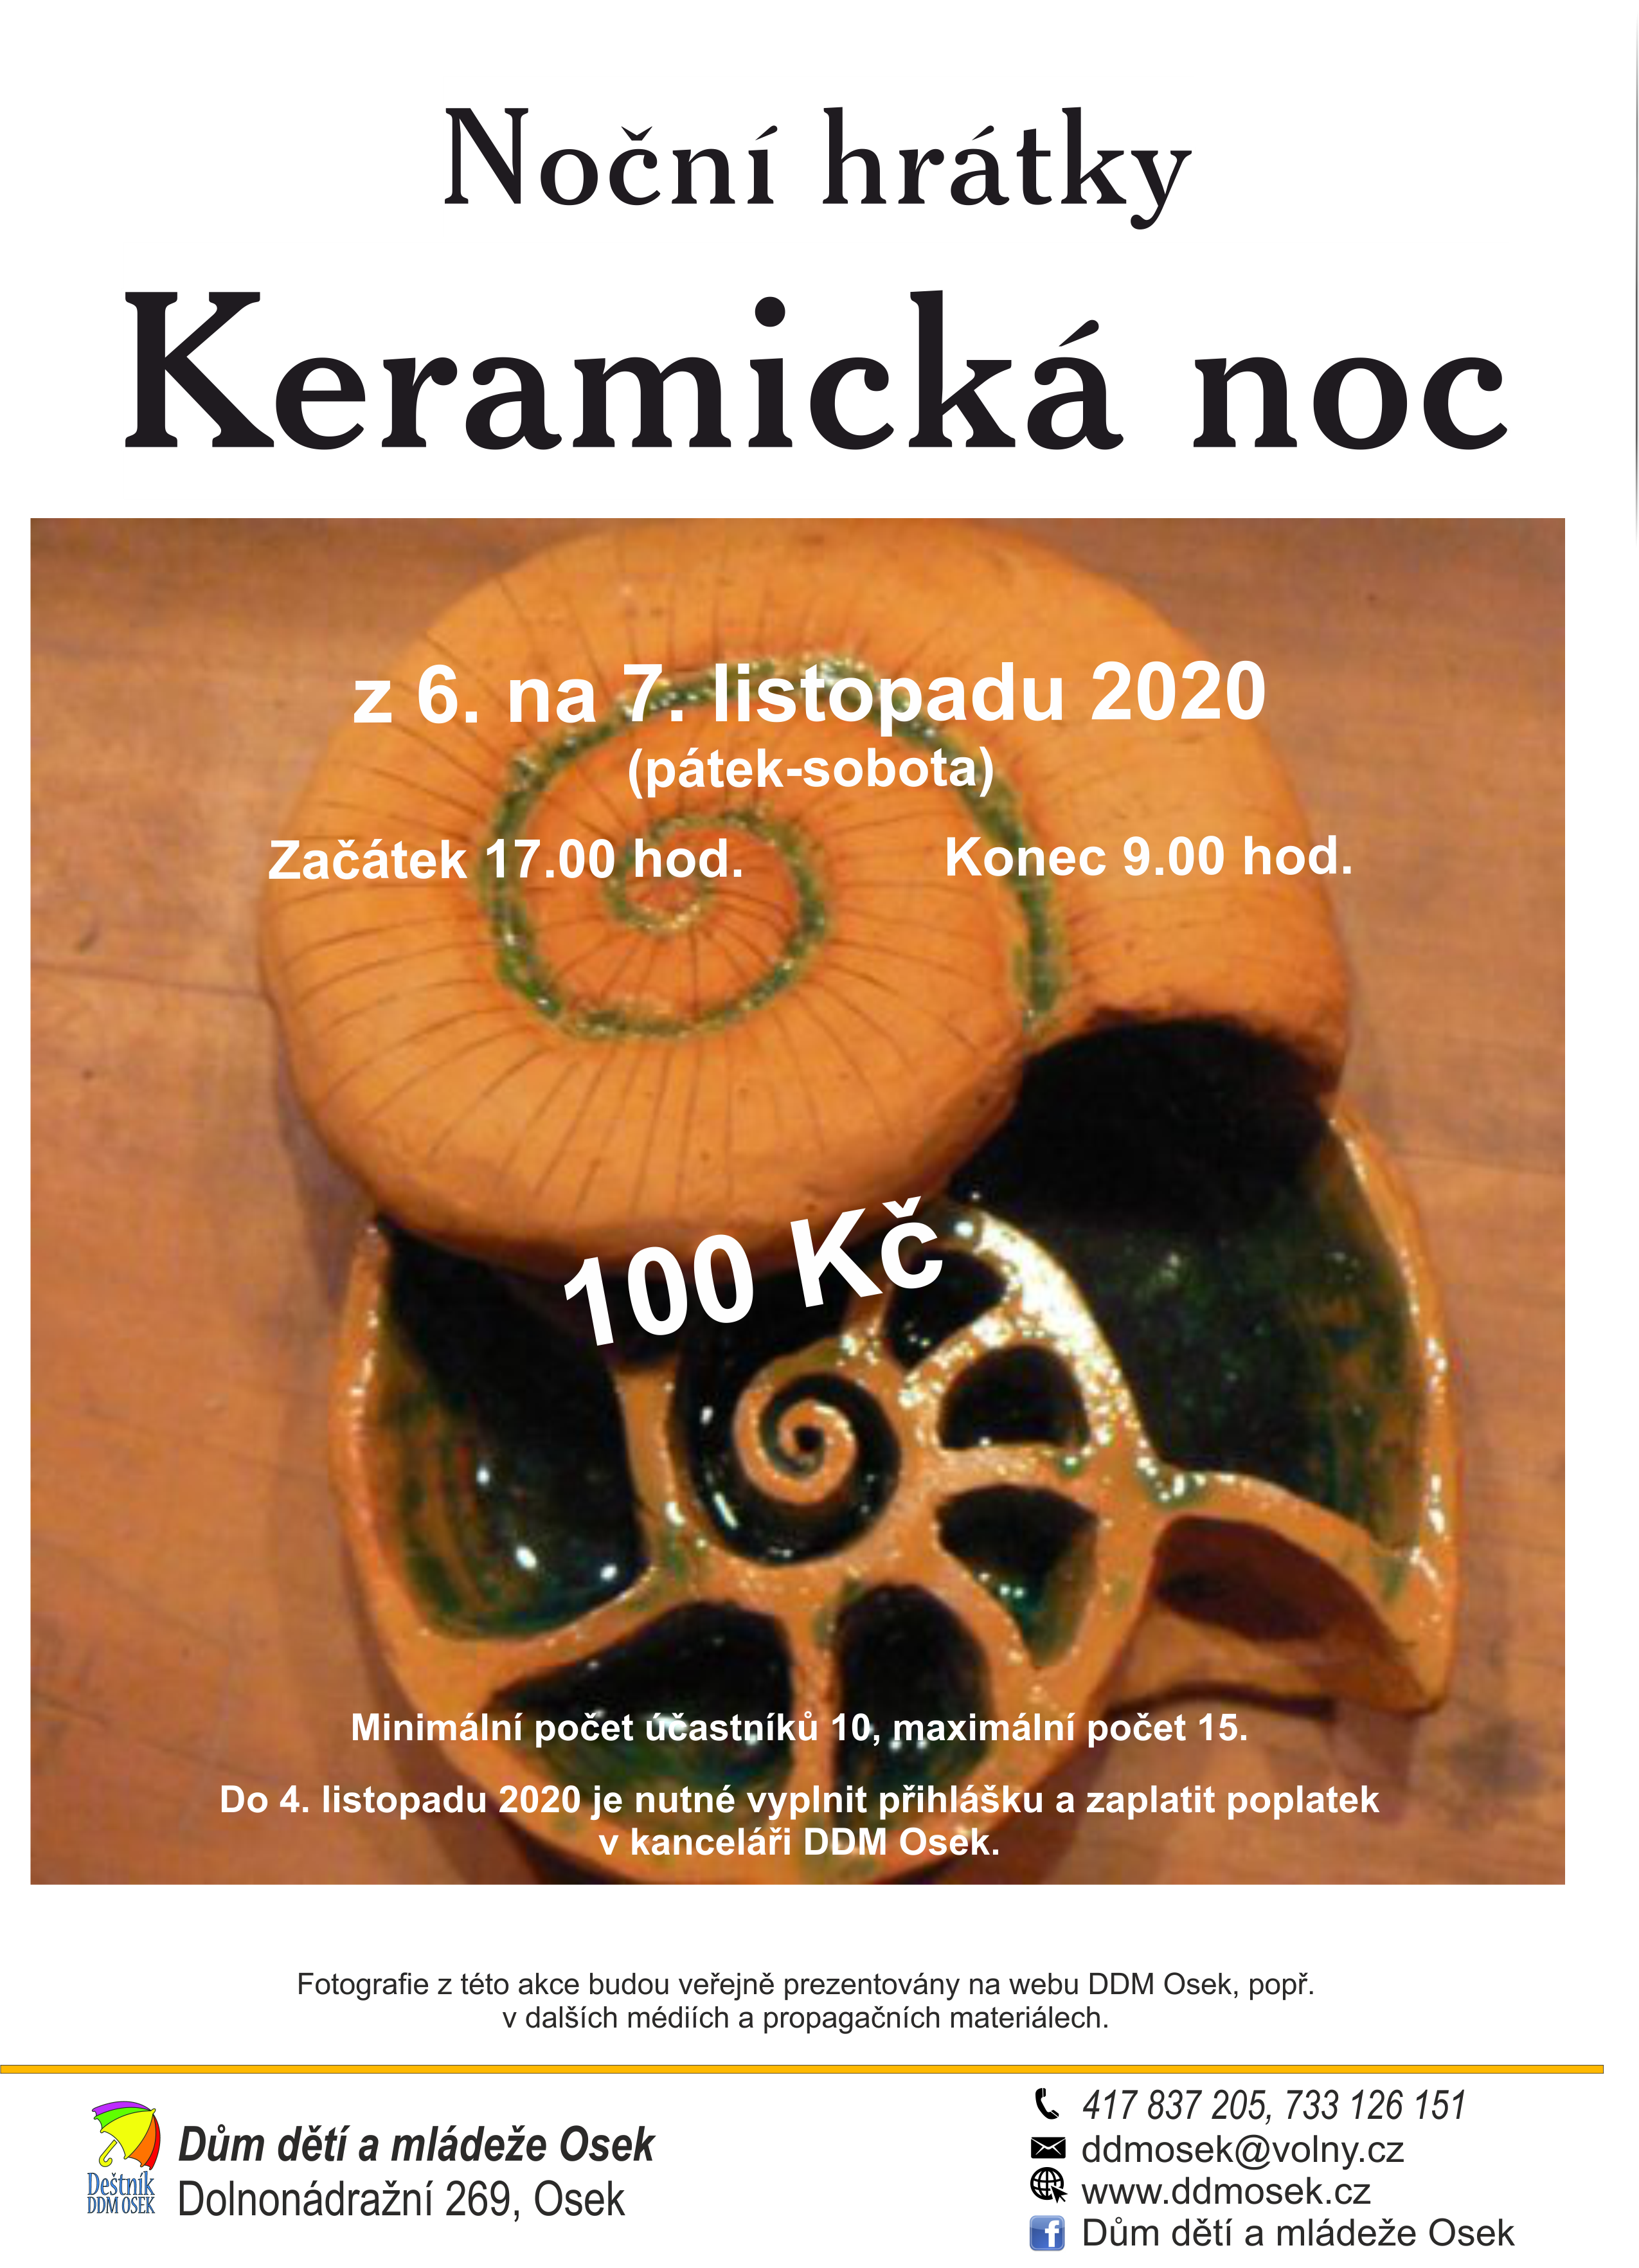 DDM Osek